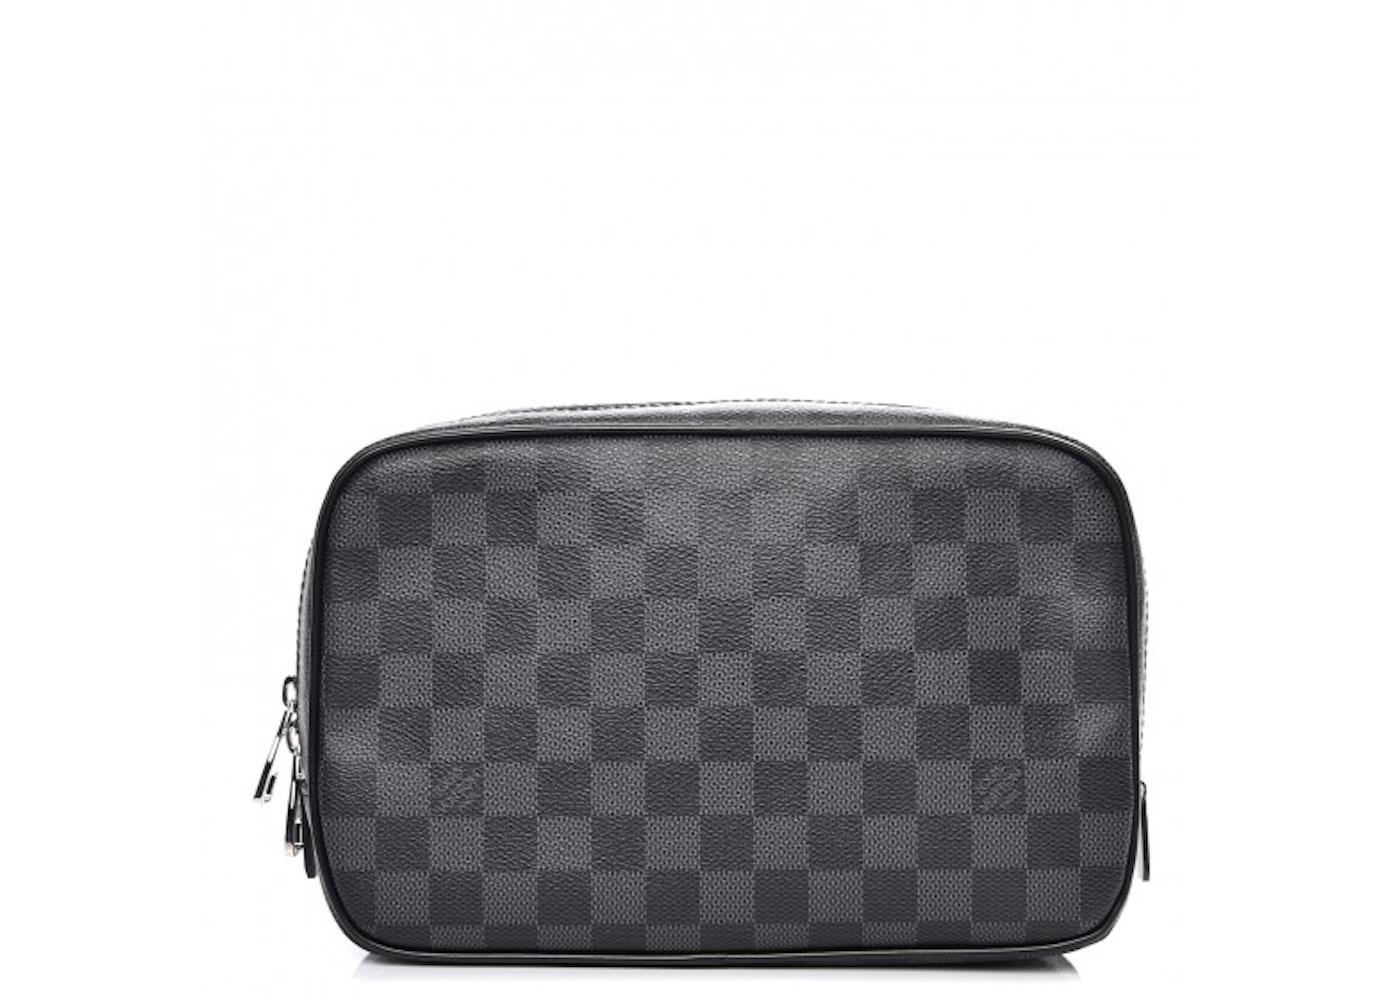 00d4762f85 Louis Vuitton Toiletry Bag Damier Graphite GM Black